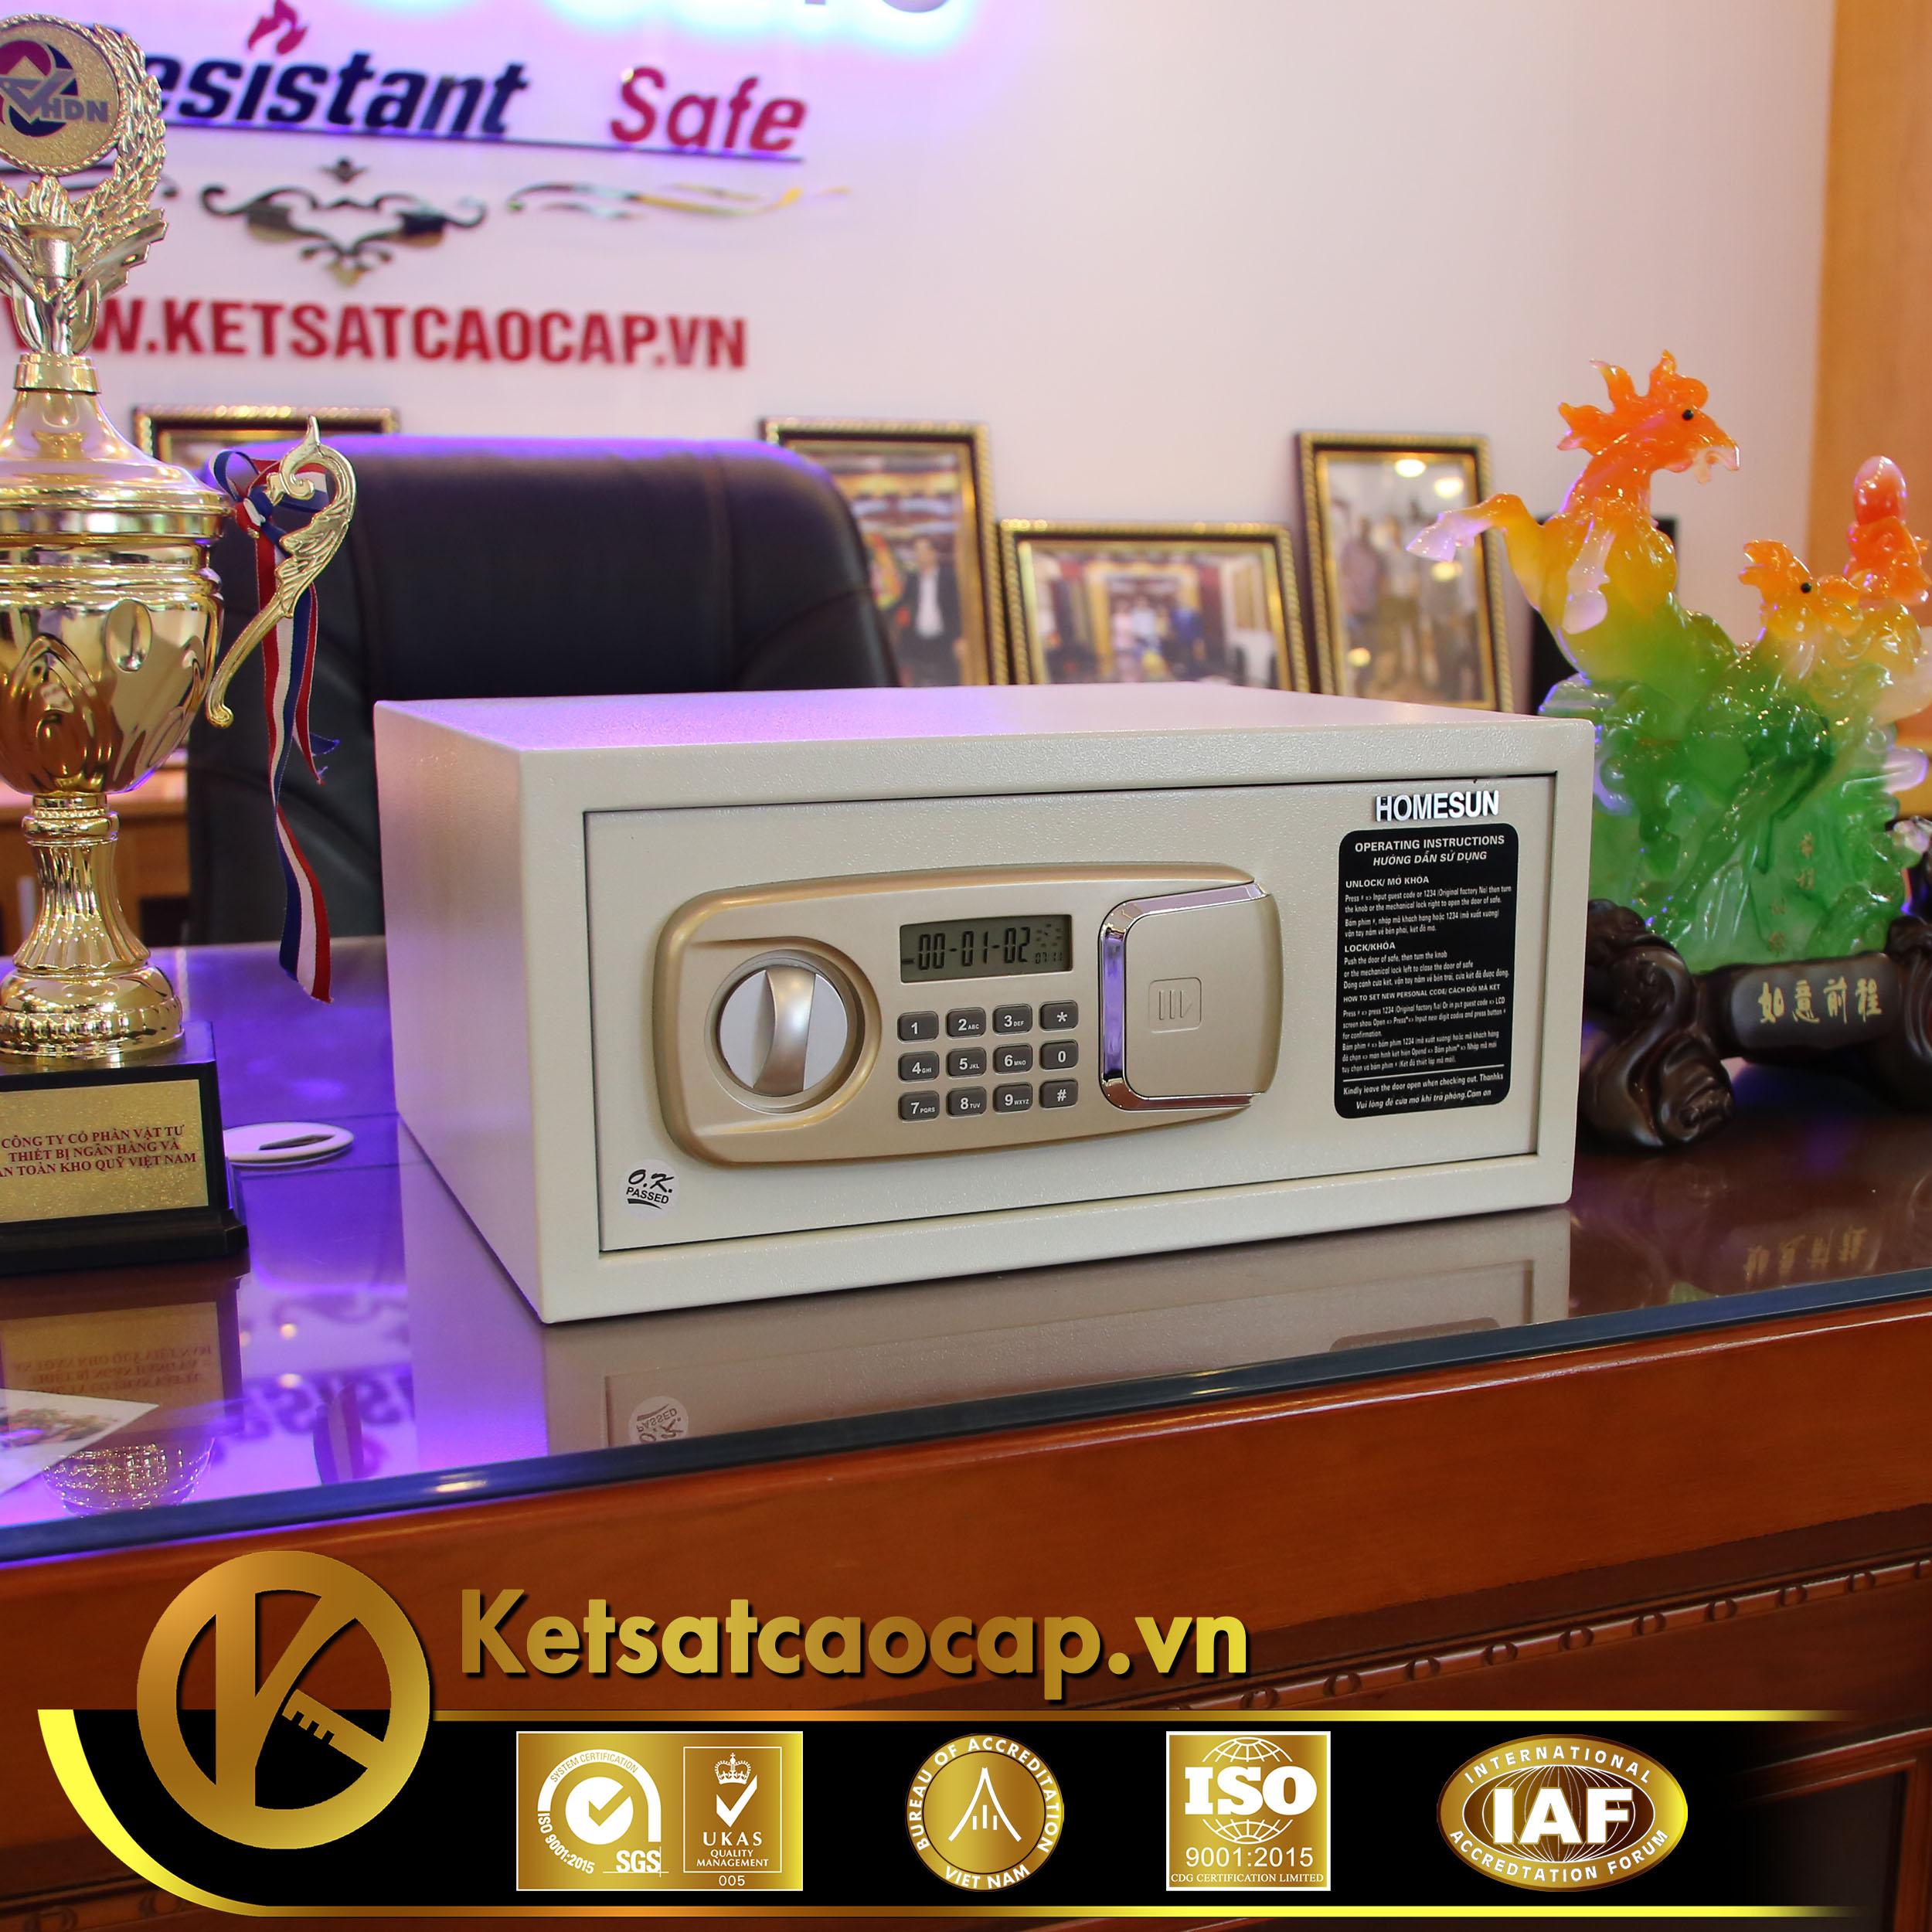 Két sắt khách sạn KS25-GOLD-PNT